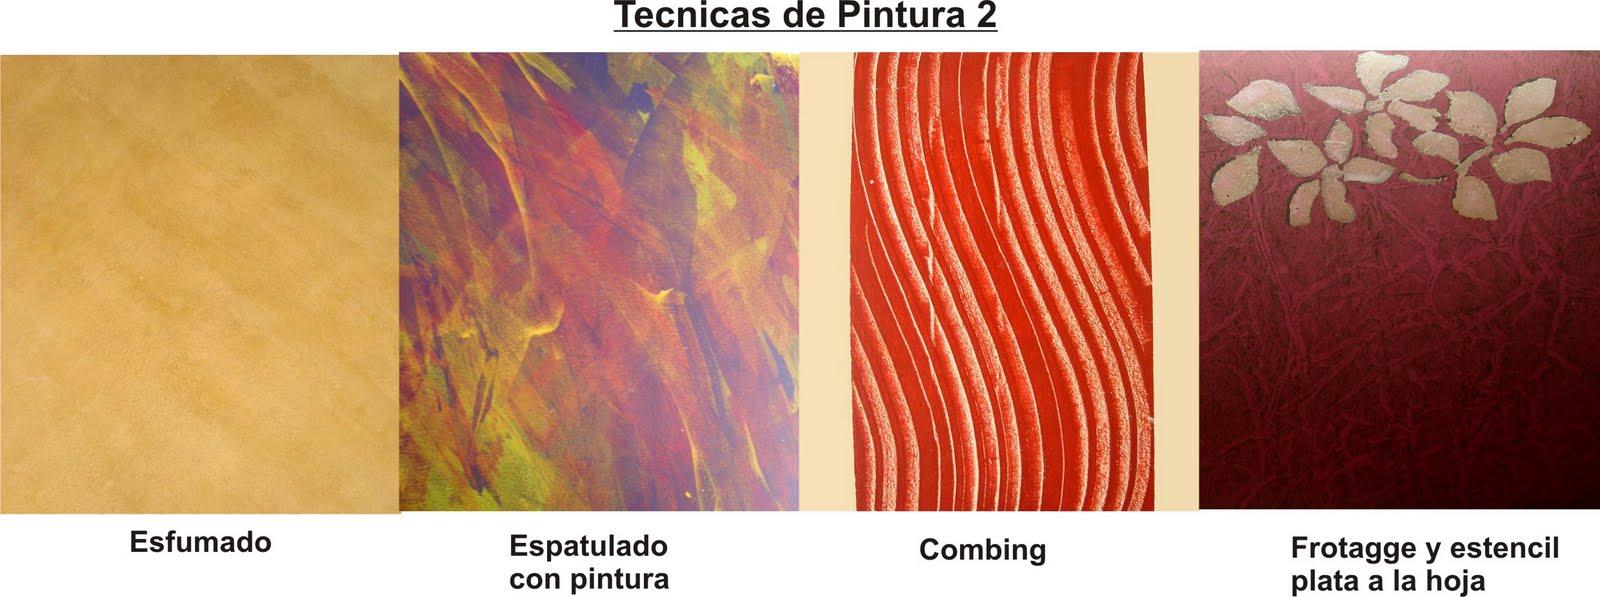 Deco project cursos modulos de tecnicas en pintura y - Tecnicas de pintura paredes ...